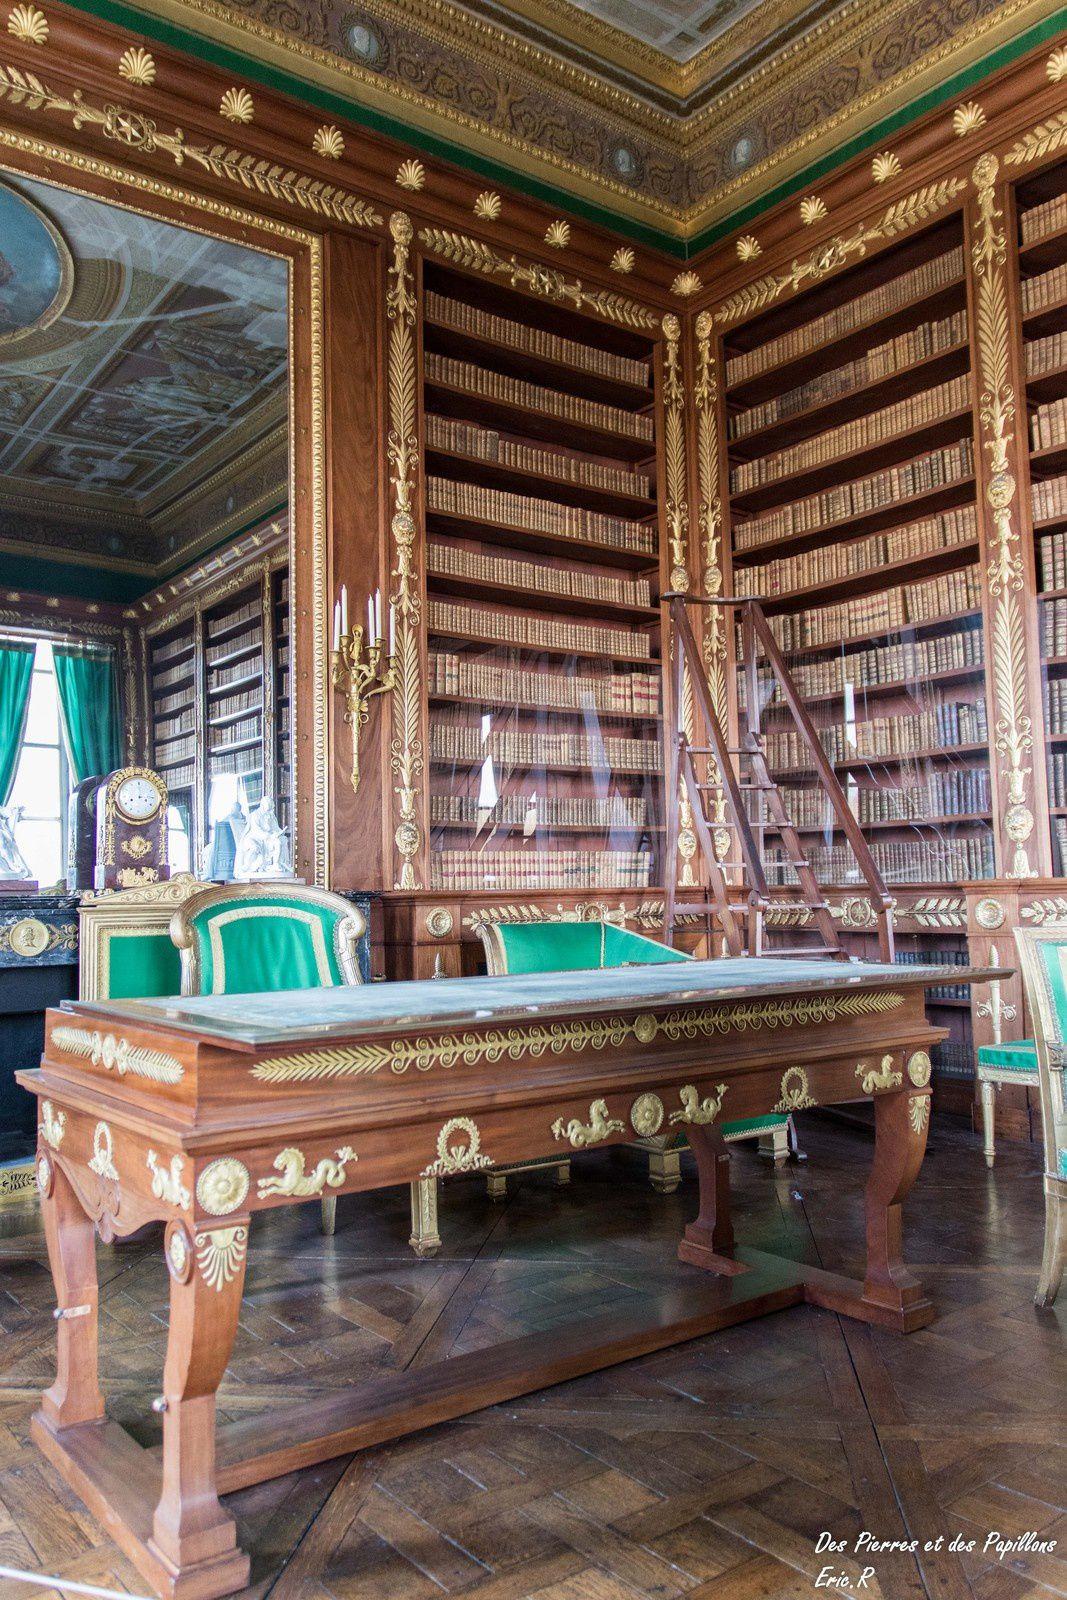 La bibliothèque de l'Empereur.